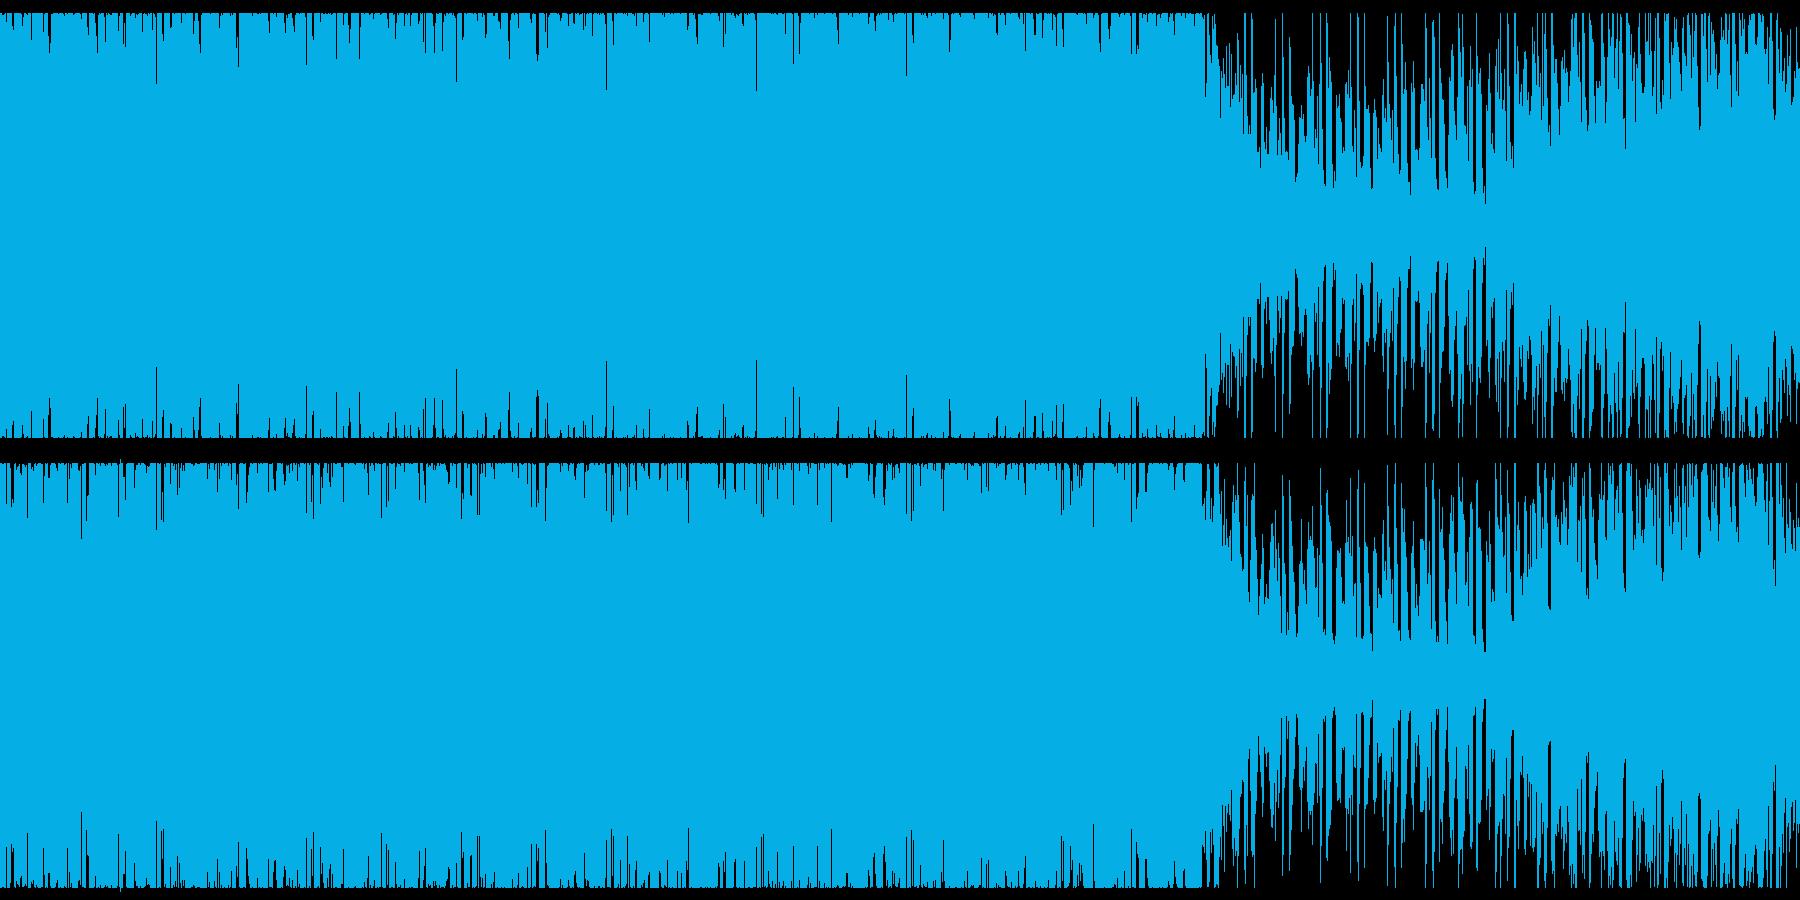 オシャレな4つ打ちピアノハウス-ループの再生済みの波形